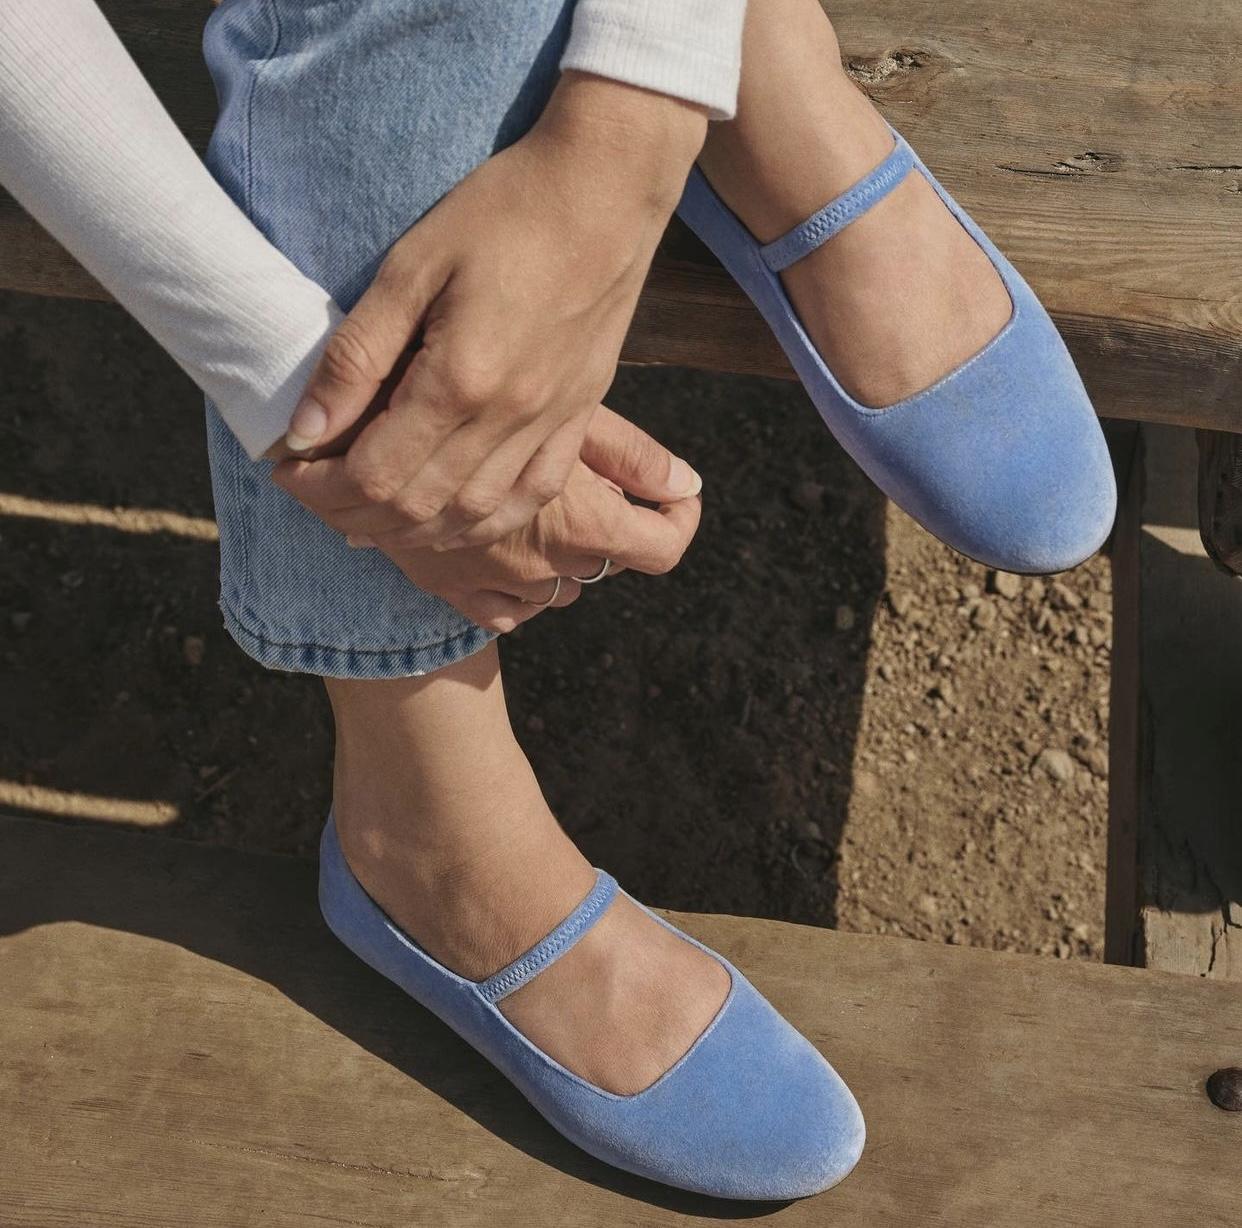 giày búp bê nữ mary jane